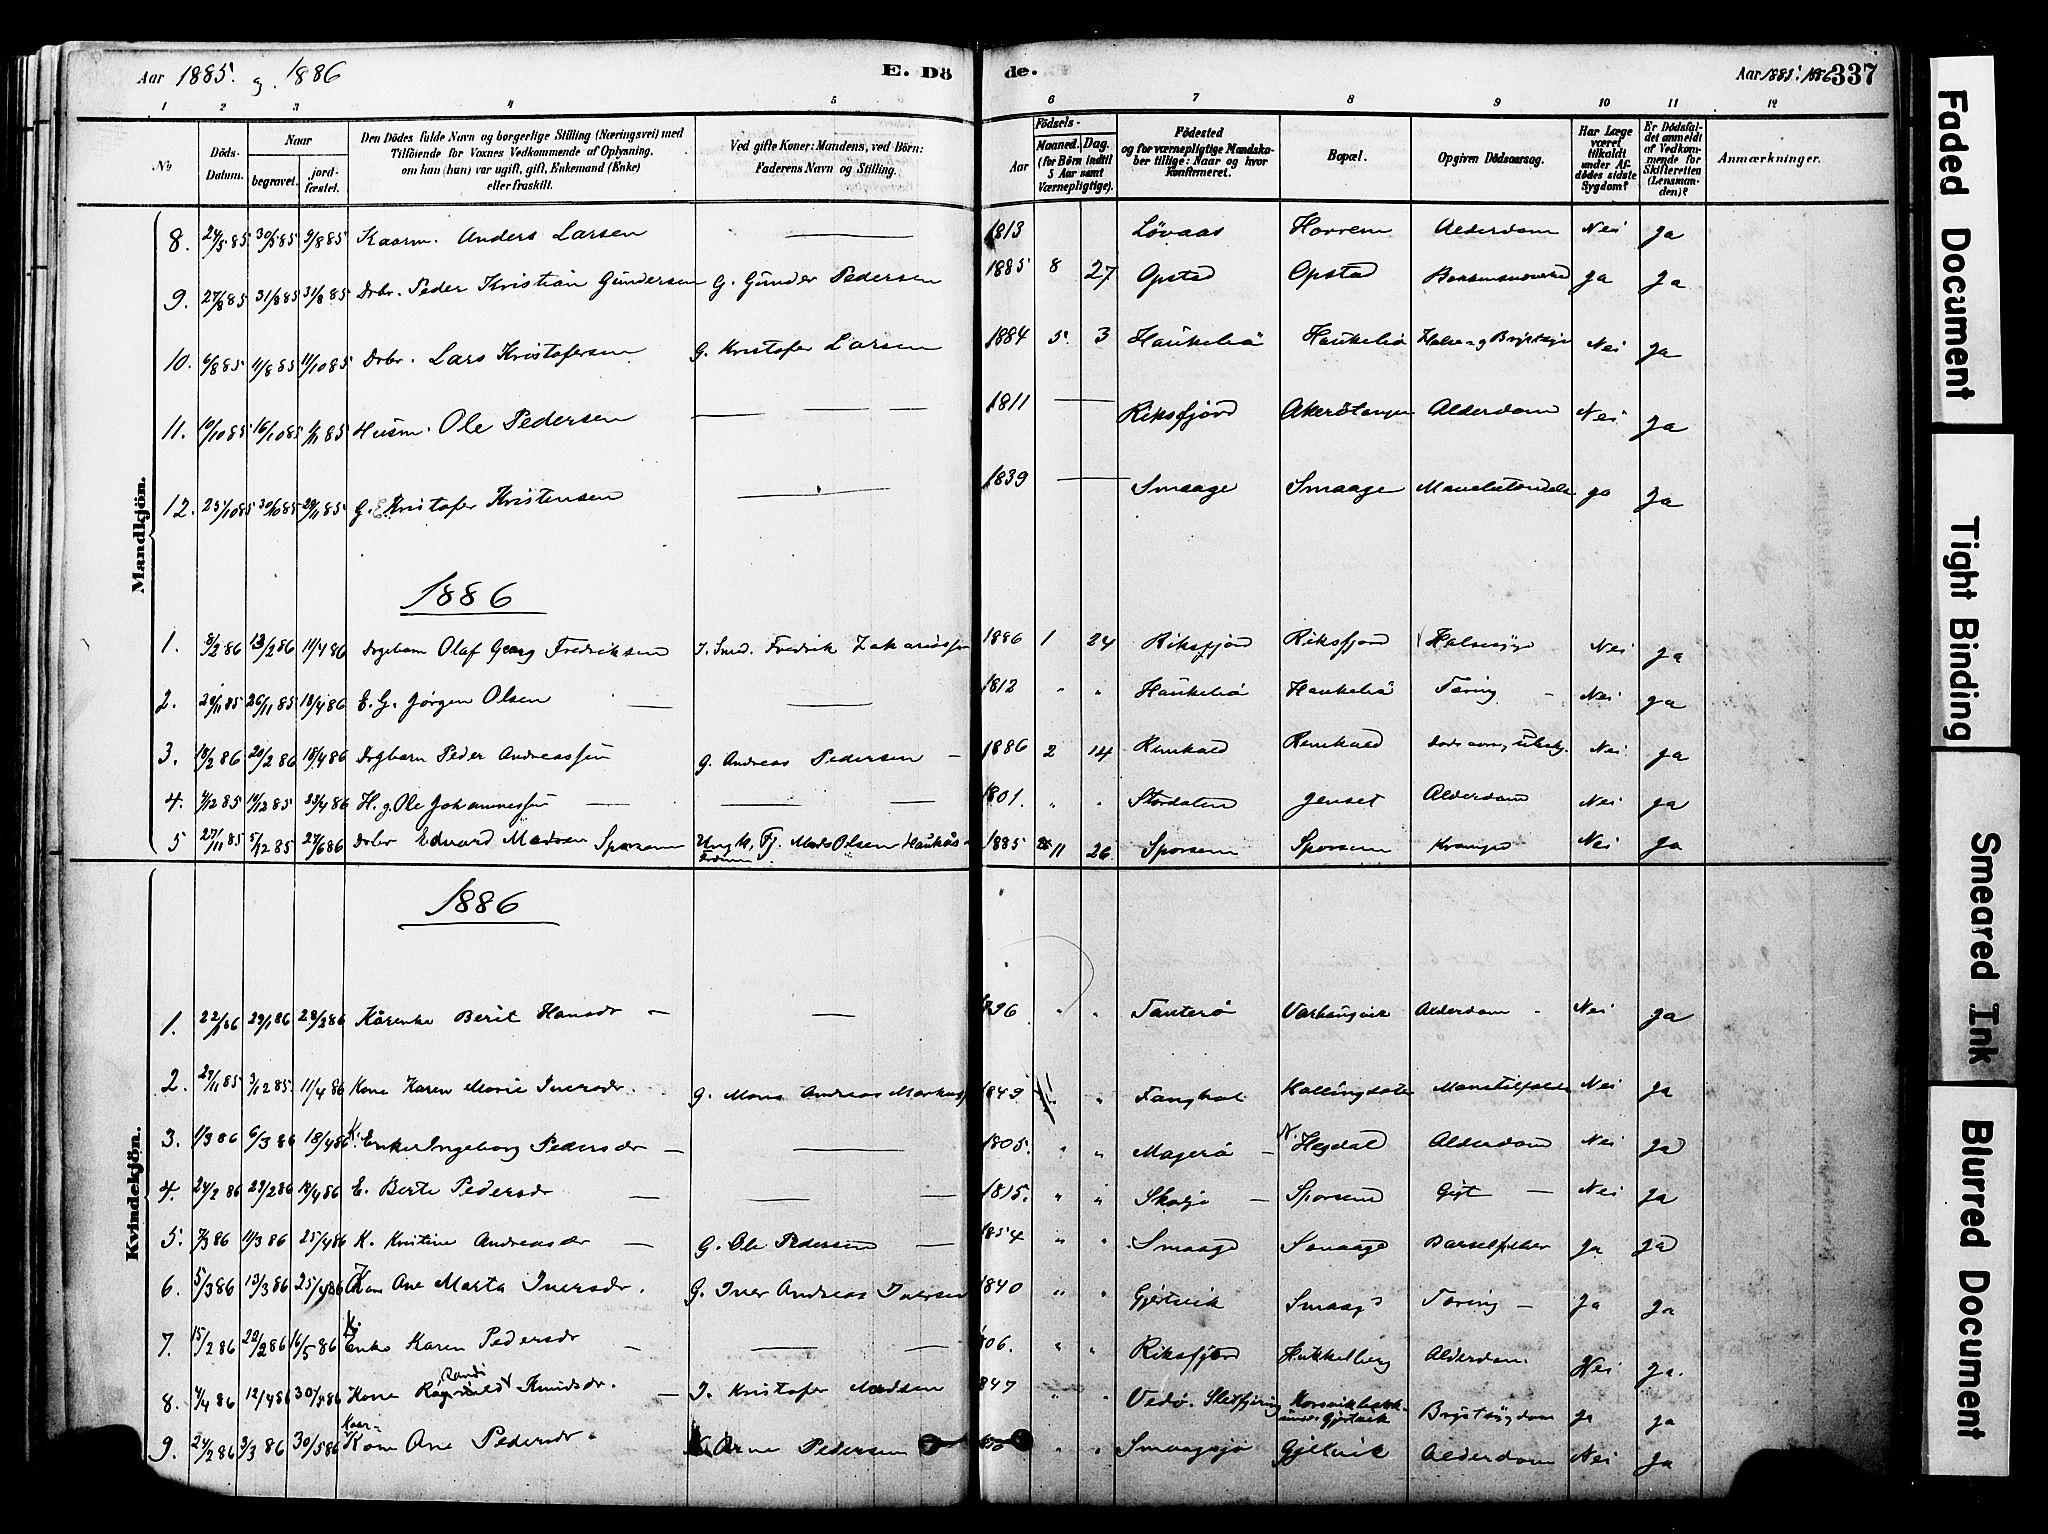 SAT, Ministerialprotokoller, klokkerbøker og fødselsregistre - Møre og Romsdal, 560/L0721: Ministerialbok nr. 560A05, 1878-1917, s. 337